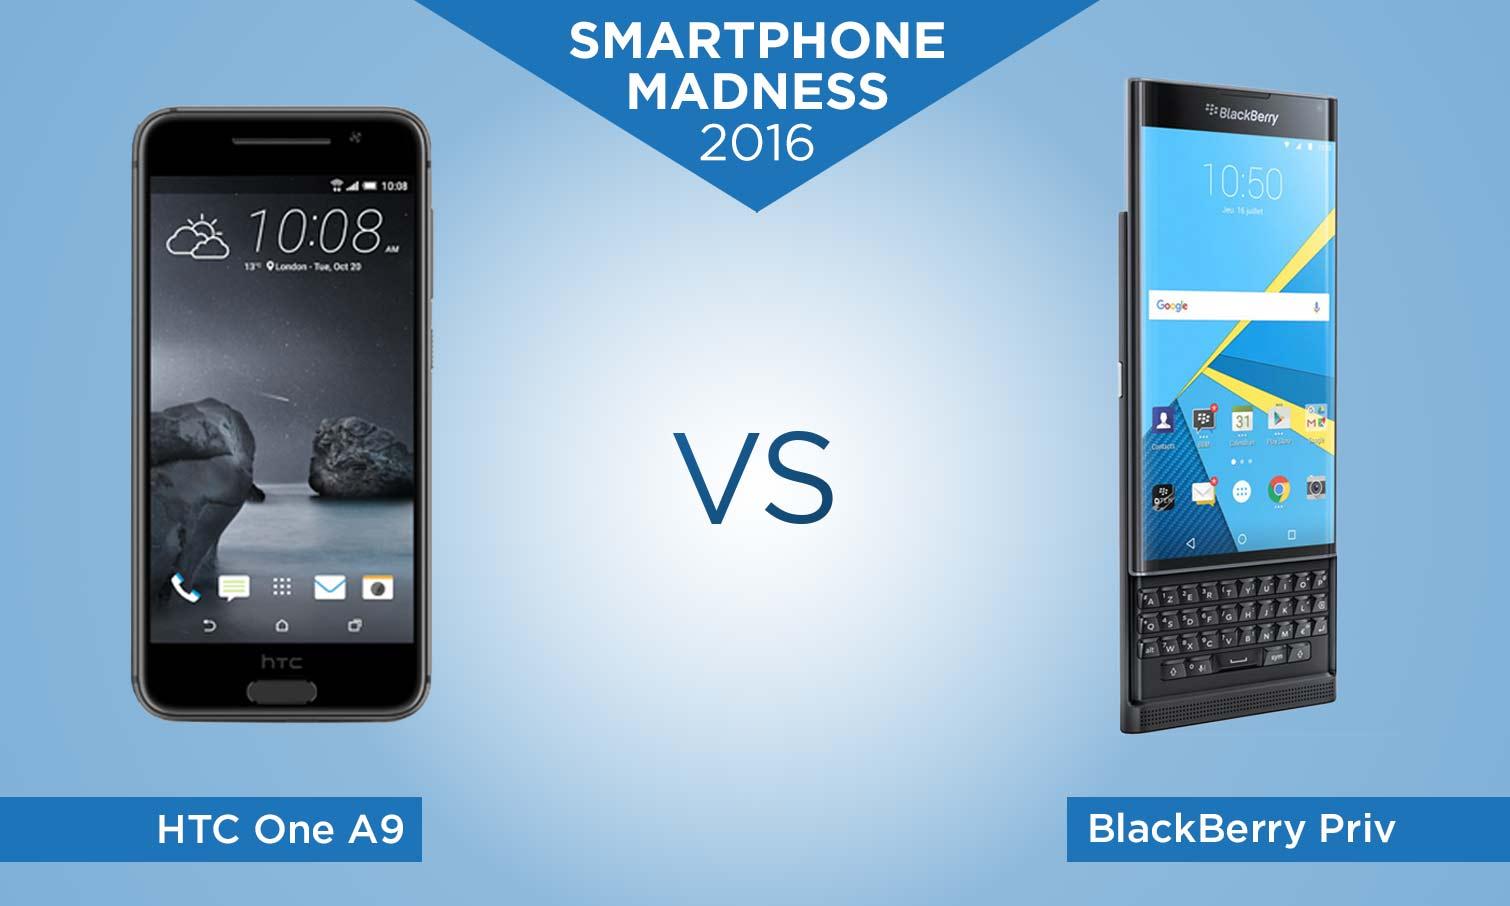 Smartphone Madness 2016 HTC One A9 vs. BlackBerry Priv